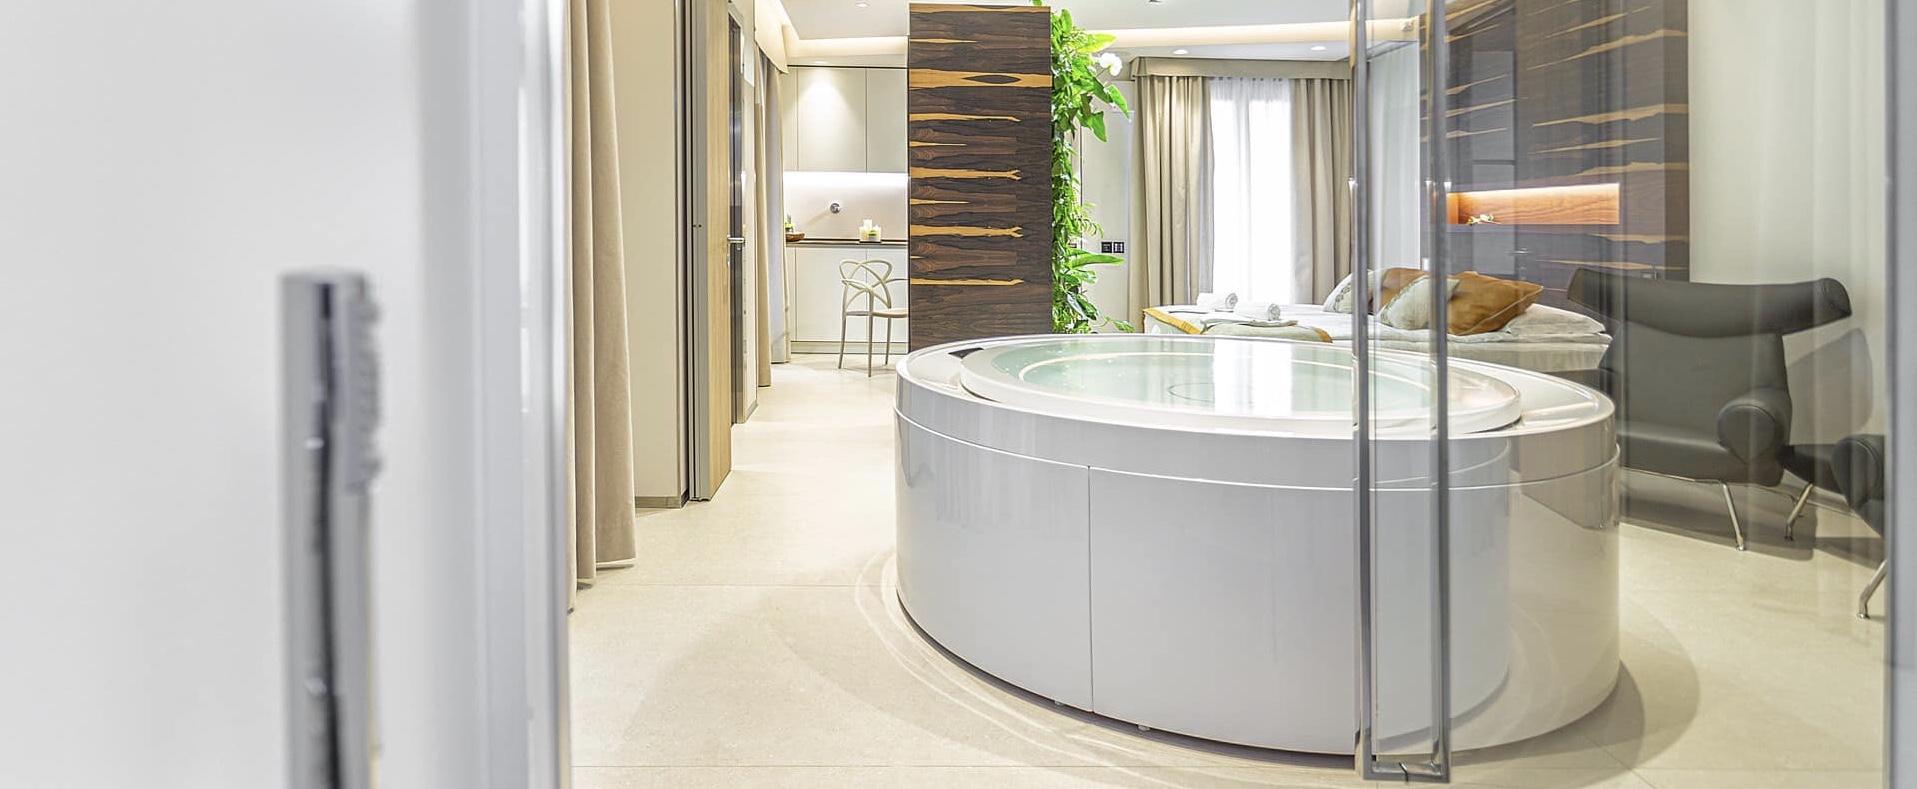 Vista di una Suite con vasca idromassaggio